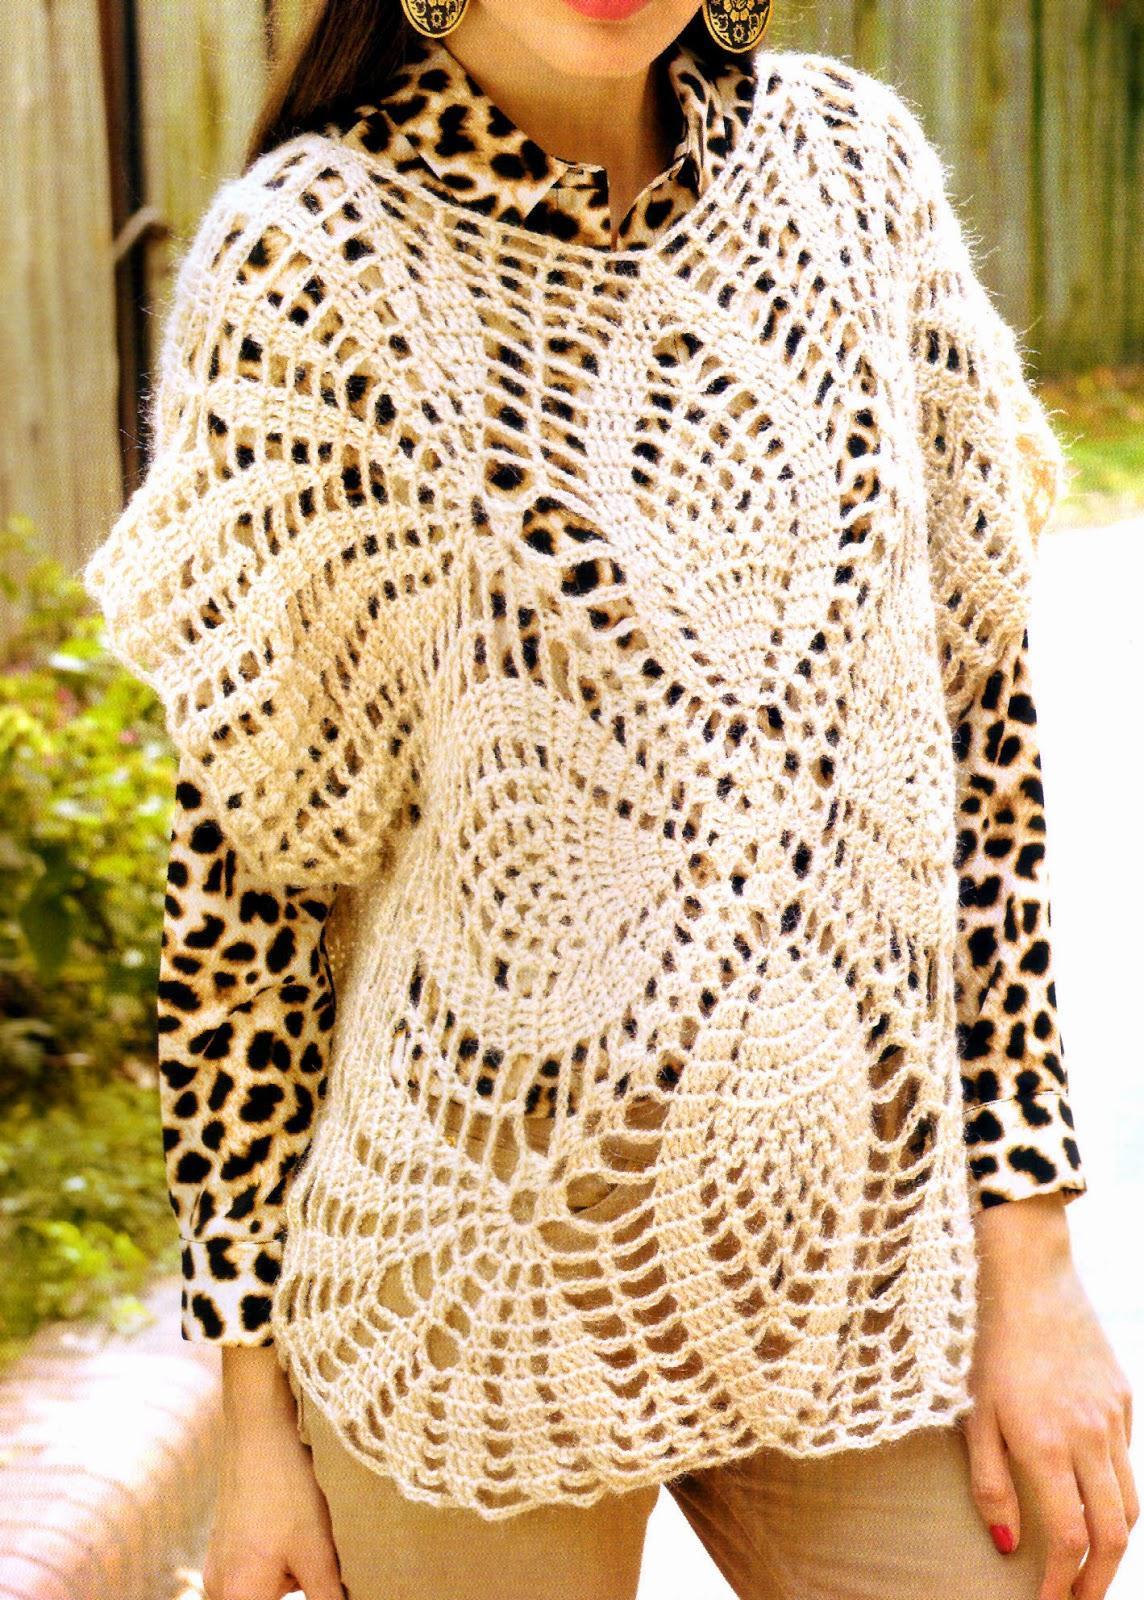 tejidos artesanales en crochet increible chaleco cuadrado tejido en crochet. Black Bedroom Furniture Sets. Home Design Ideas